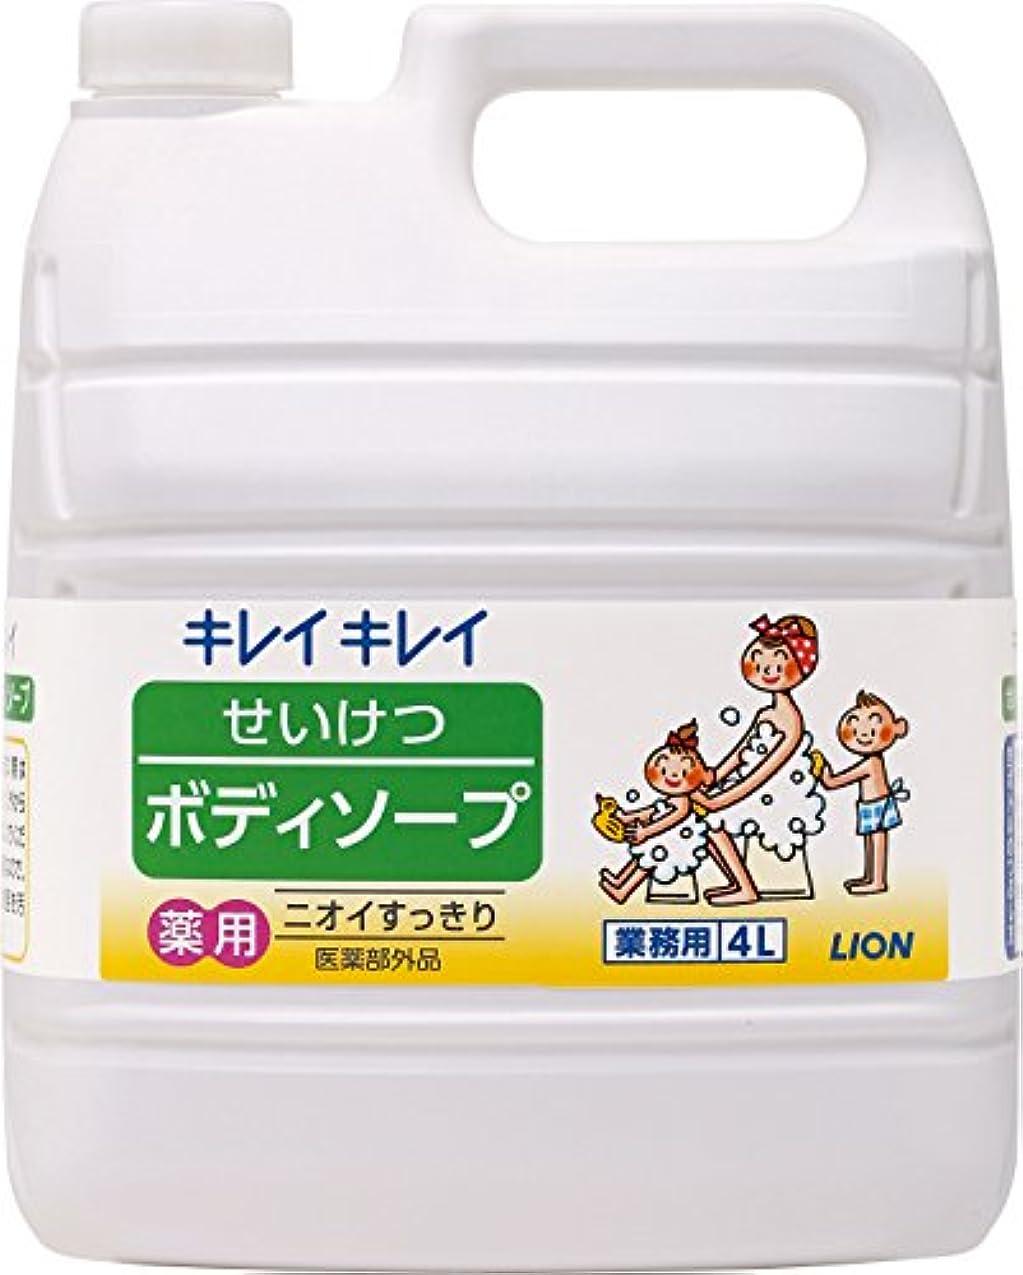 首尾一貫したチップやりすぎ【業務用 大容量】キレイキレイ せいけつボディソープ さわやかなレモン&オレンジの香り 4L(医薬部外品)